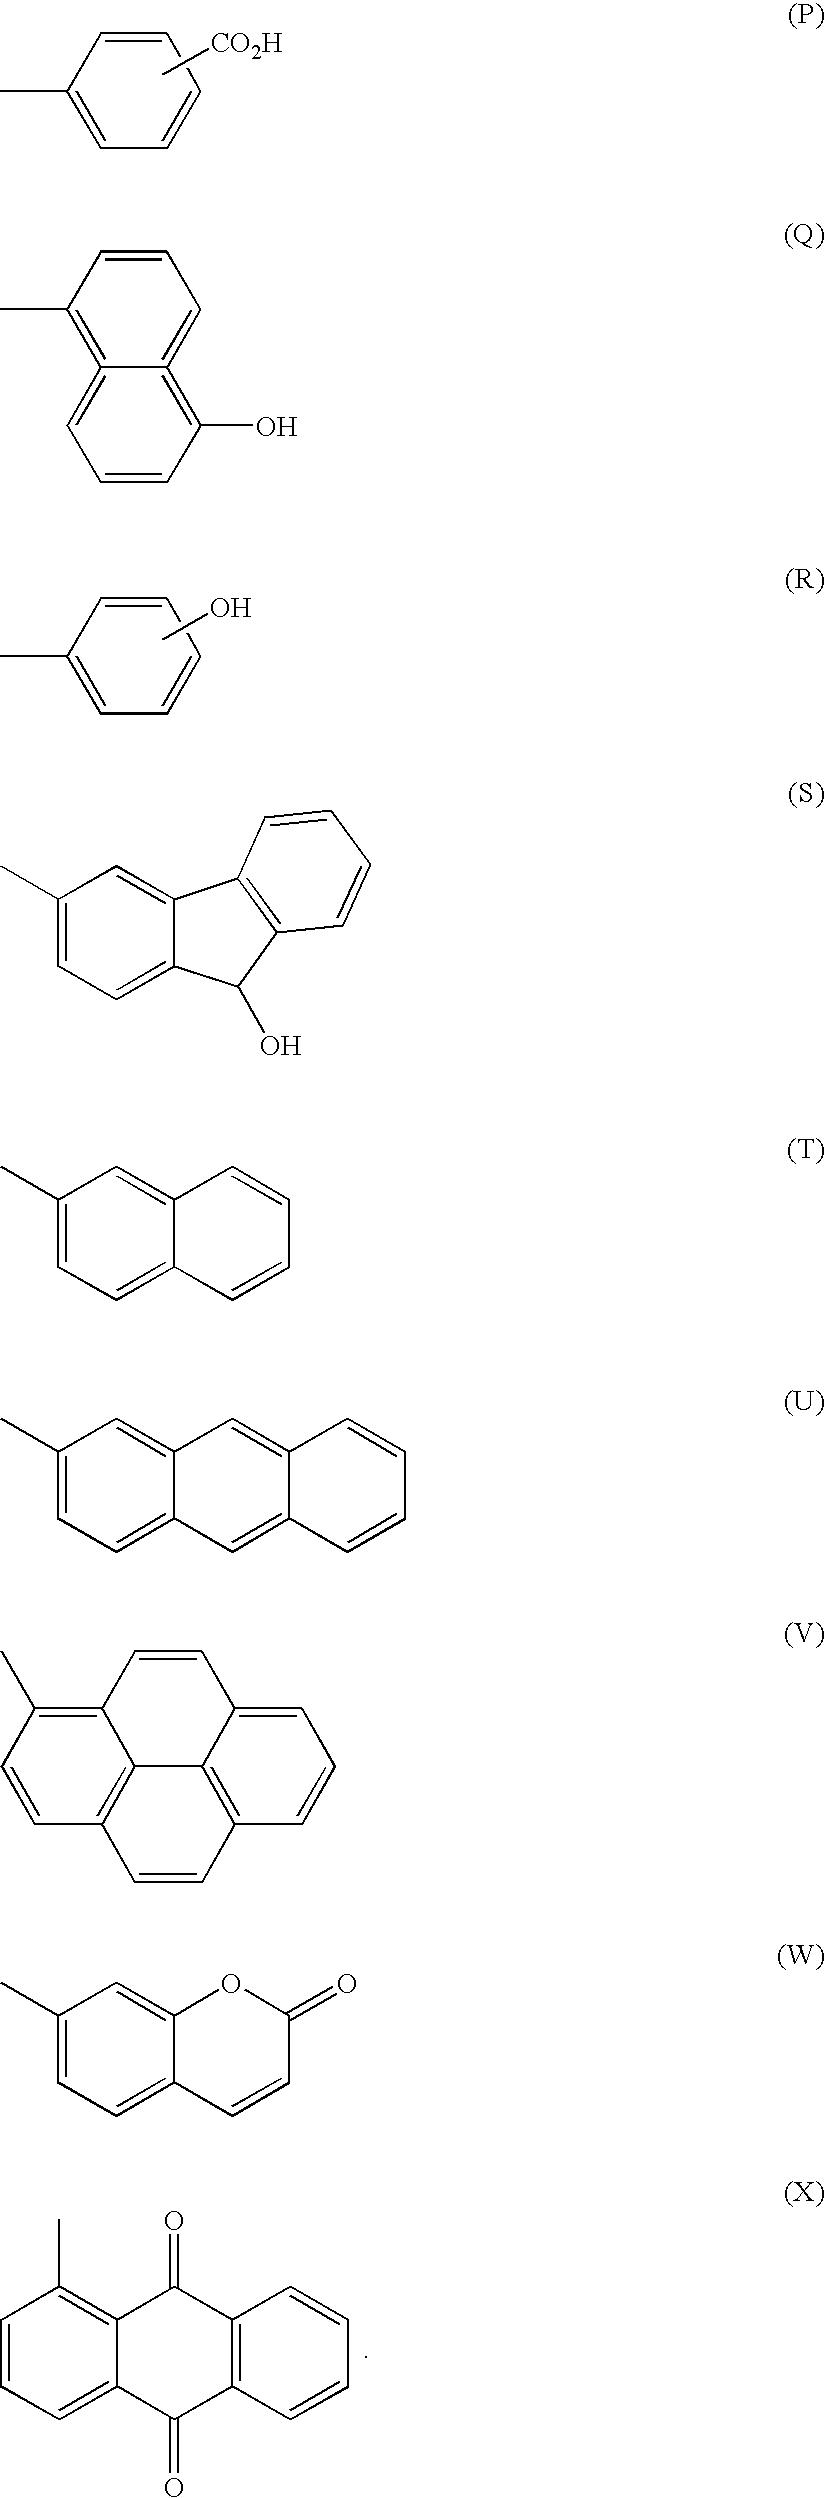 Figure US06824952-20041130-C00011